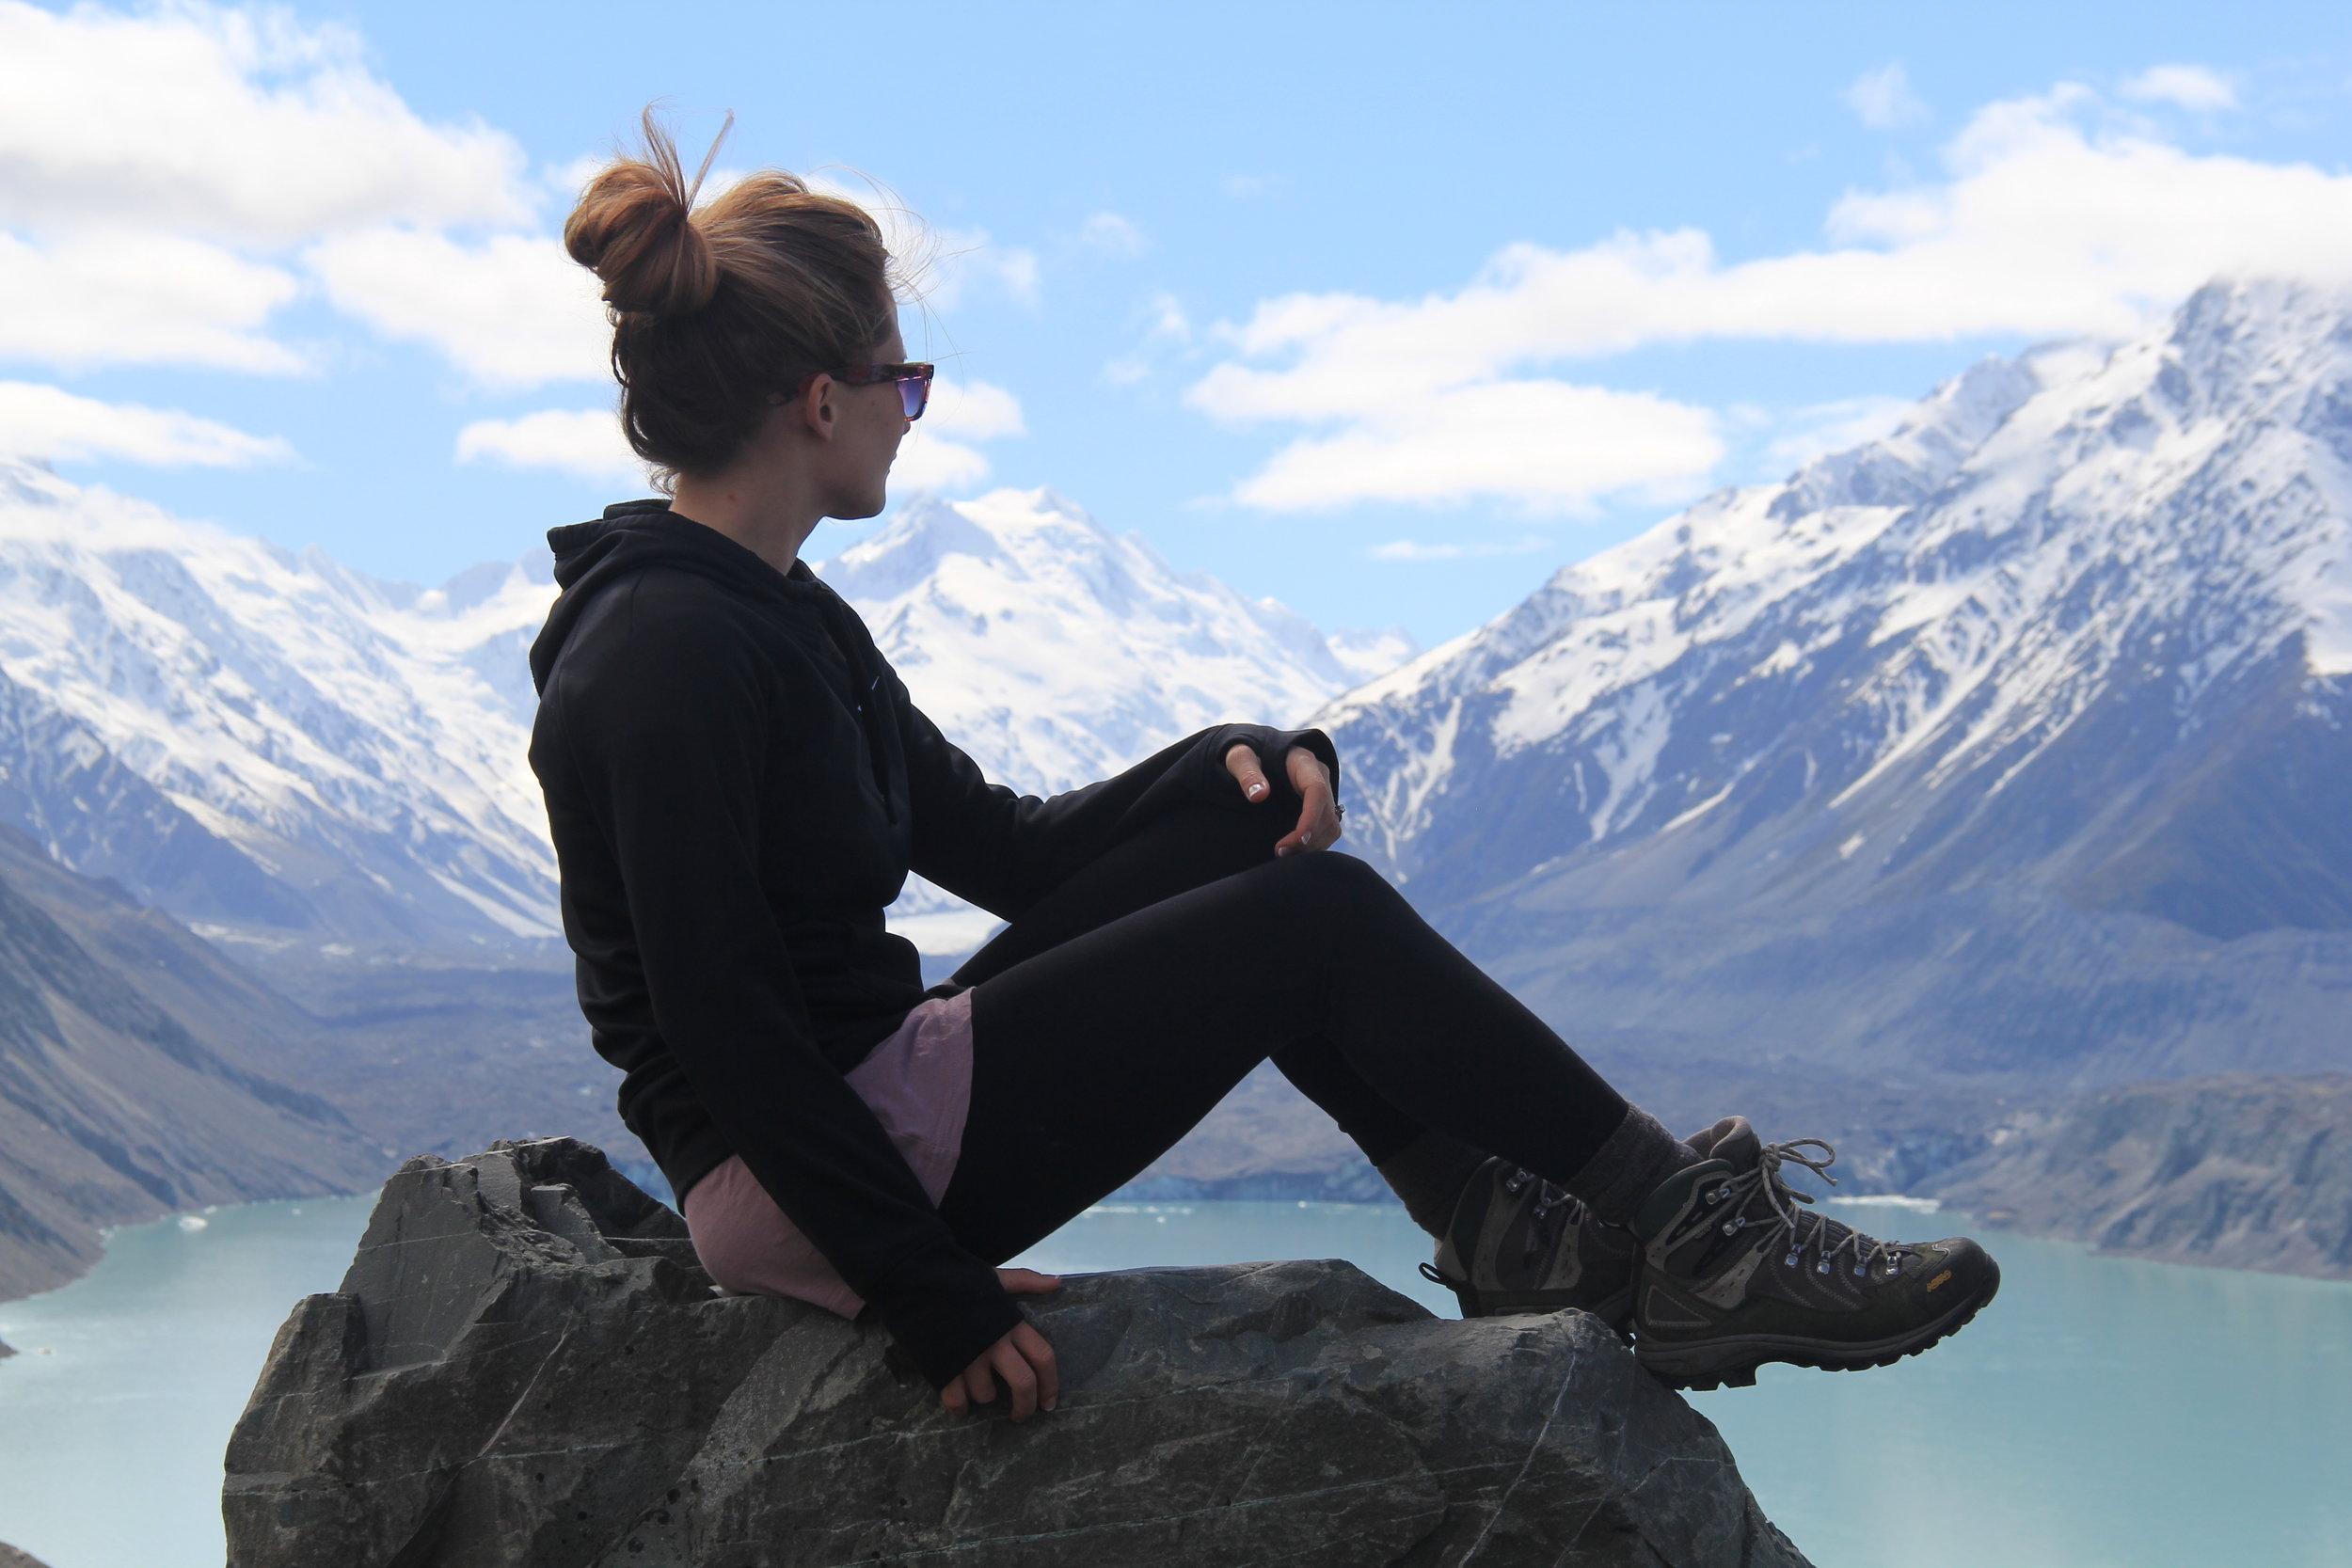 Copy of Mt Cook, New Zealand.JPG